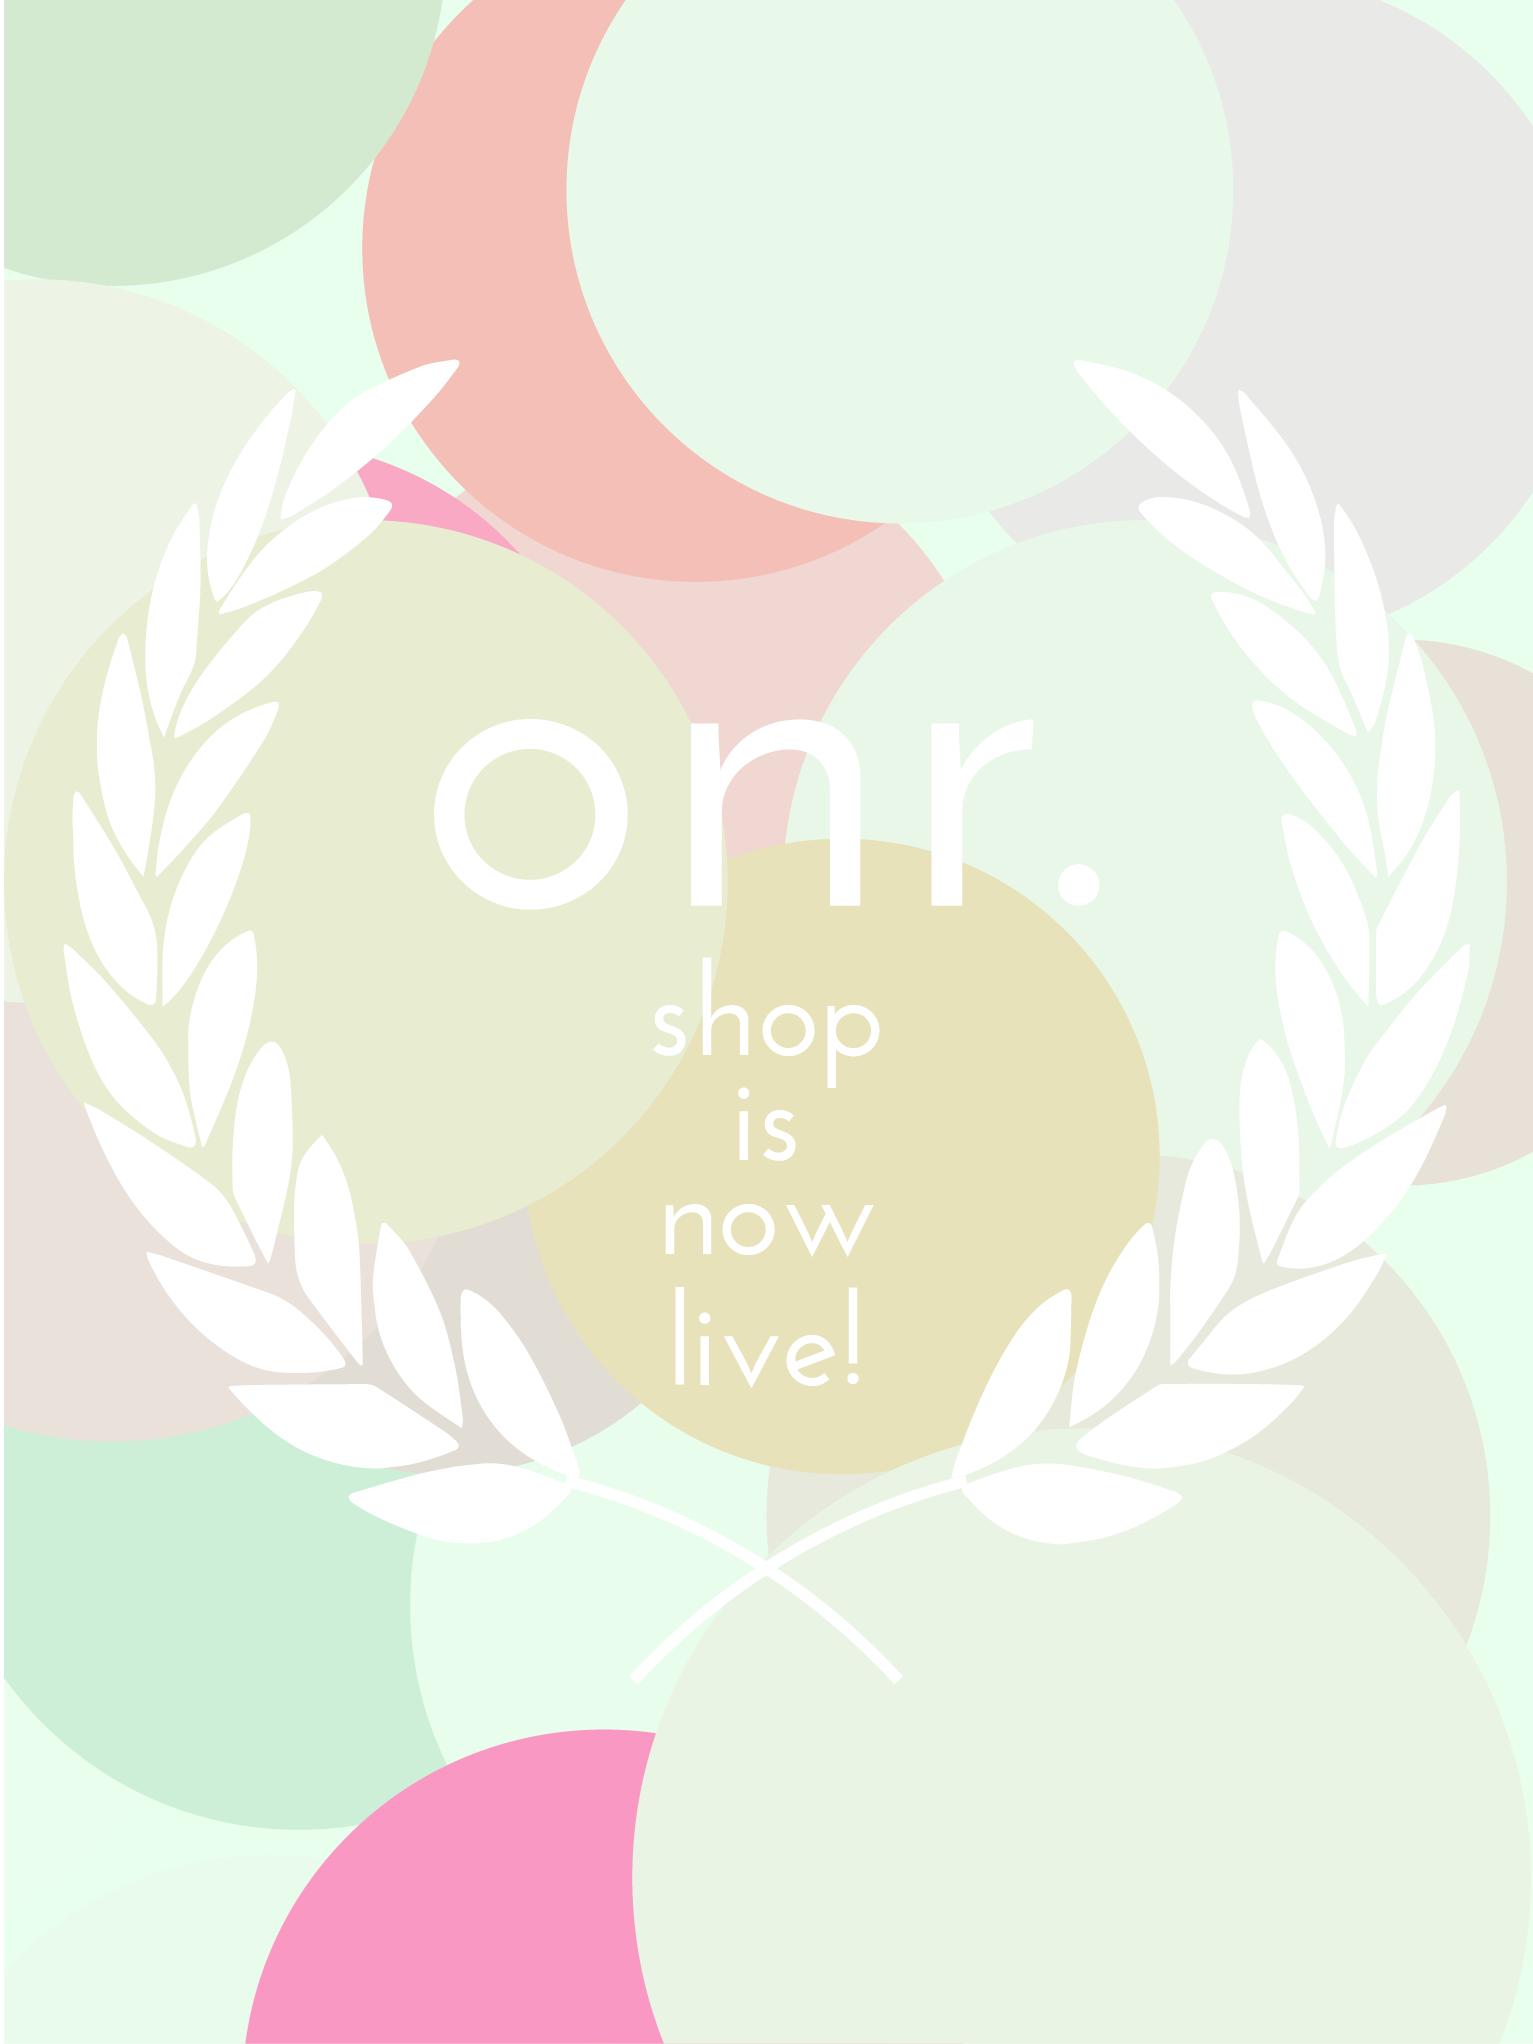 ONRshoplive-01.png